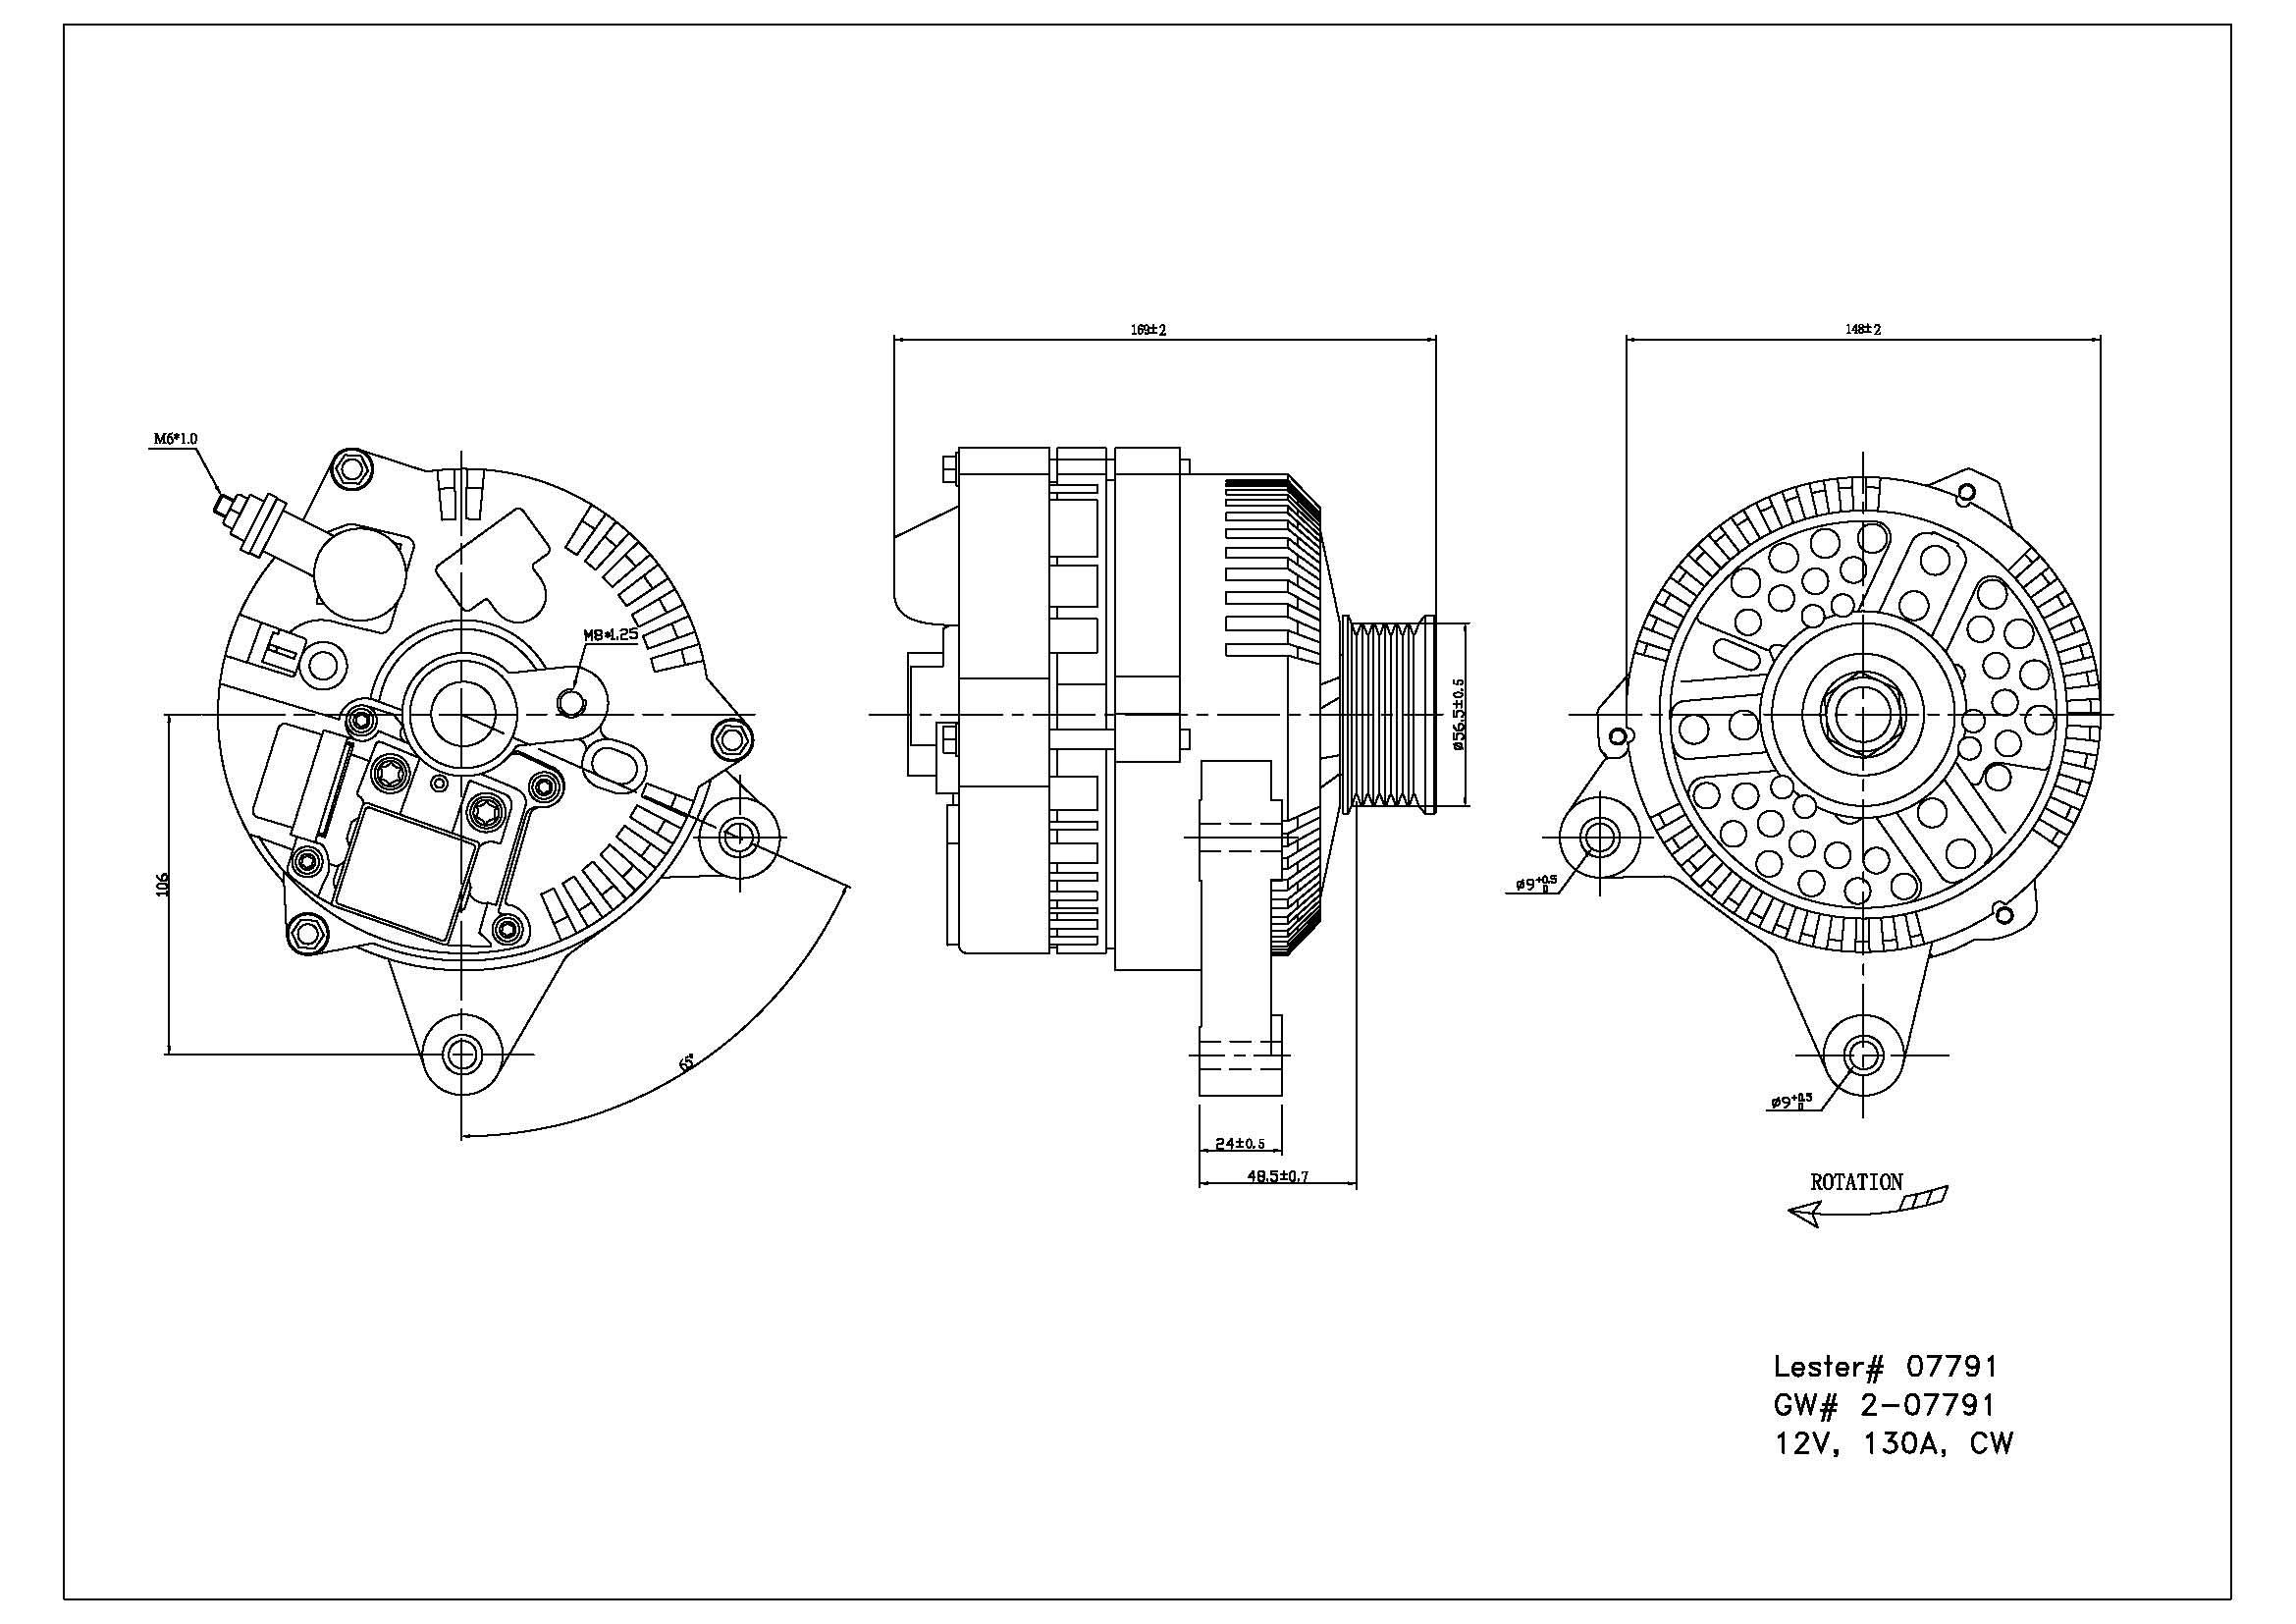 TYC # 2-07791 Alternator Fits OE # F7PZ-10346-KARM1